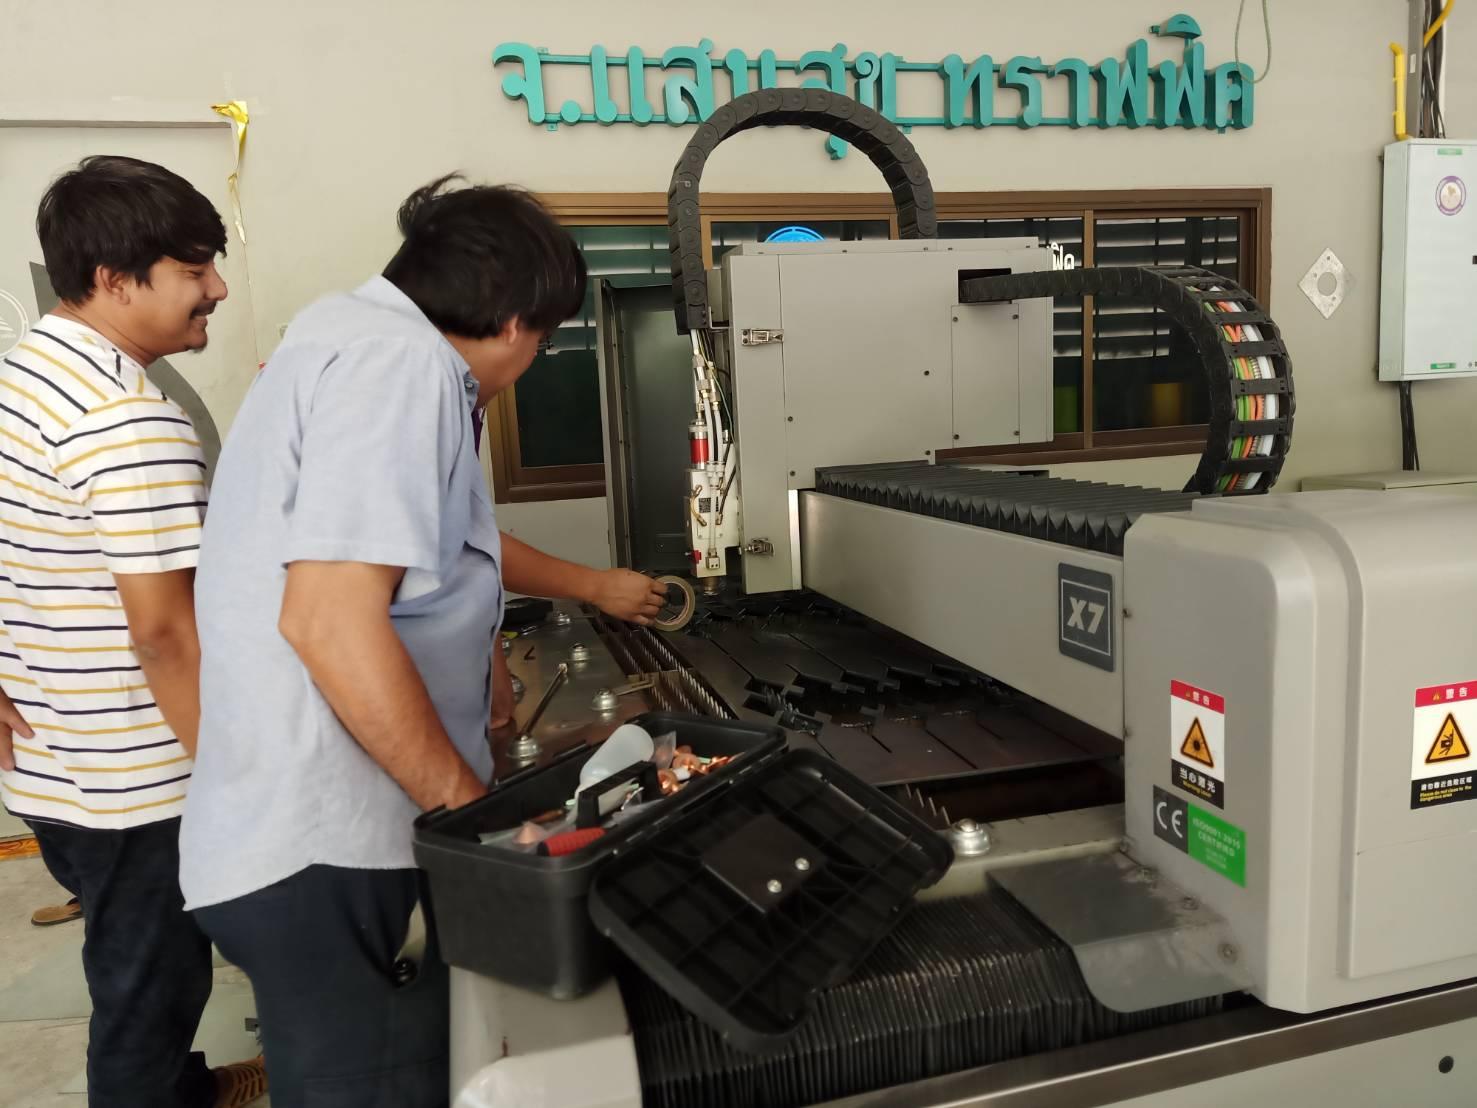 ส่งมอบ fiber laser  dema x7 พิกัด สุพรรณบุรี